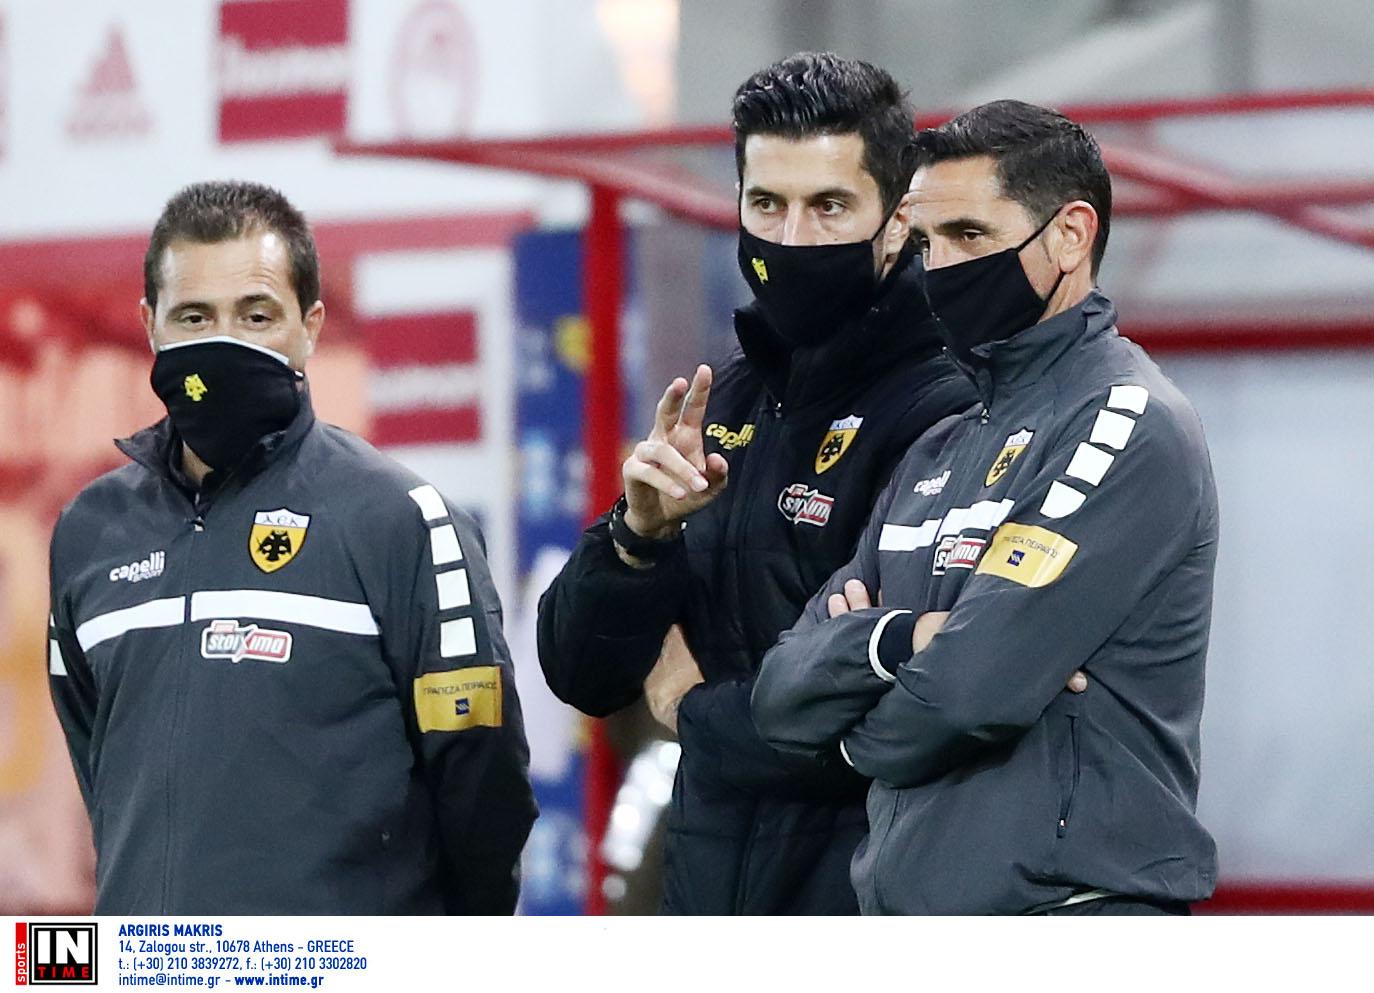 ΑΕΚ – Χιμένεθ: «Δεν χρειάζεται να λέμε ότι έχουμε καλούς ποδοσφαιριστές, αλλά πρέπει να παίζουν καλά»